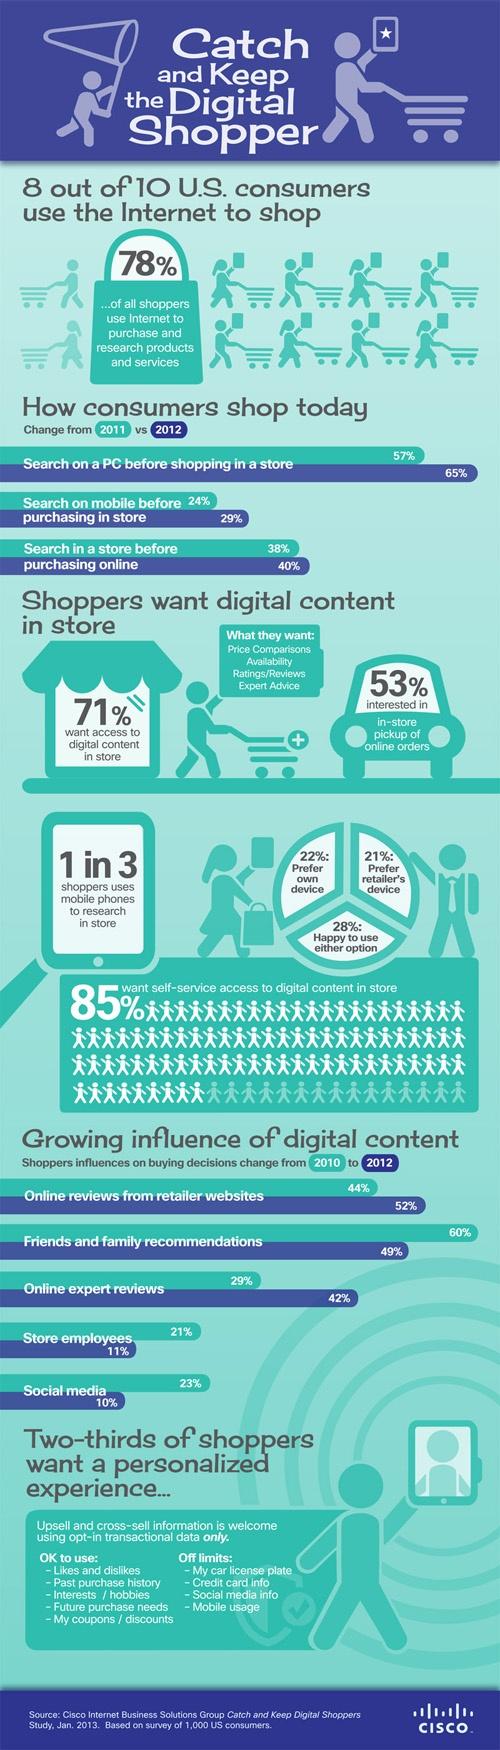 Internet y los dispositivos móviles influyen cada vez más en los procesos de compra - Puro Marketing